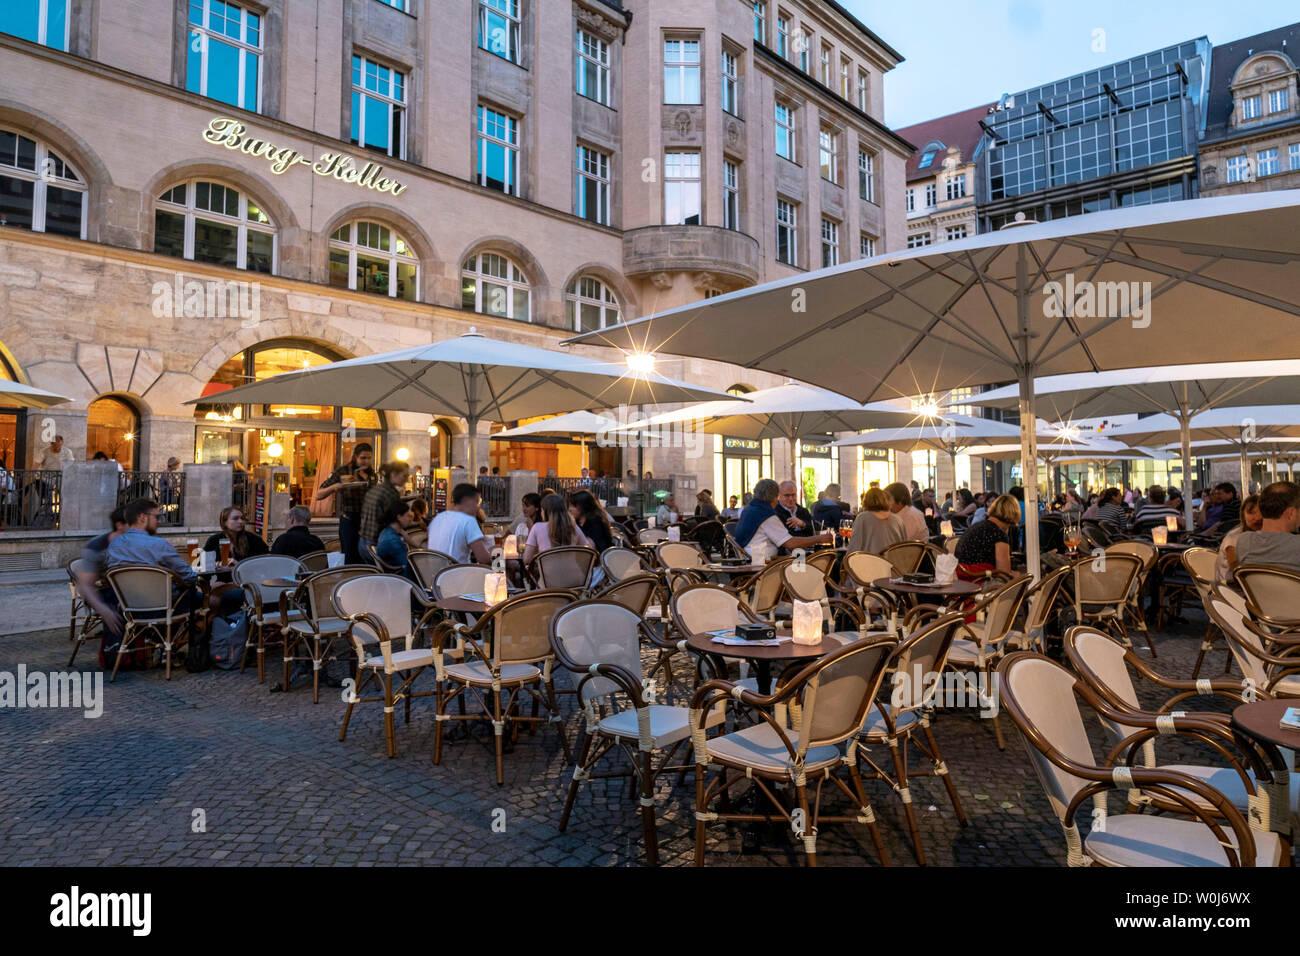 Straßencafe am Abend in der Innenstadt von Leipzig - Stock Image